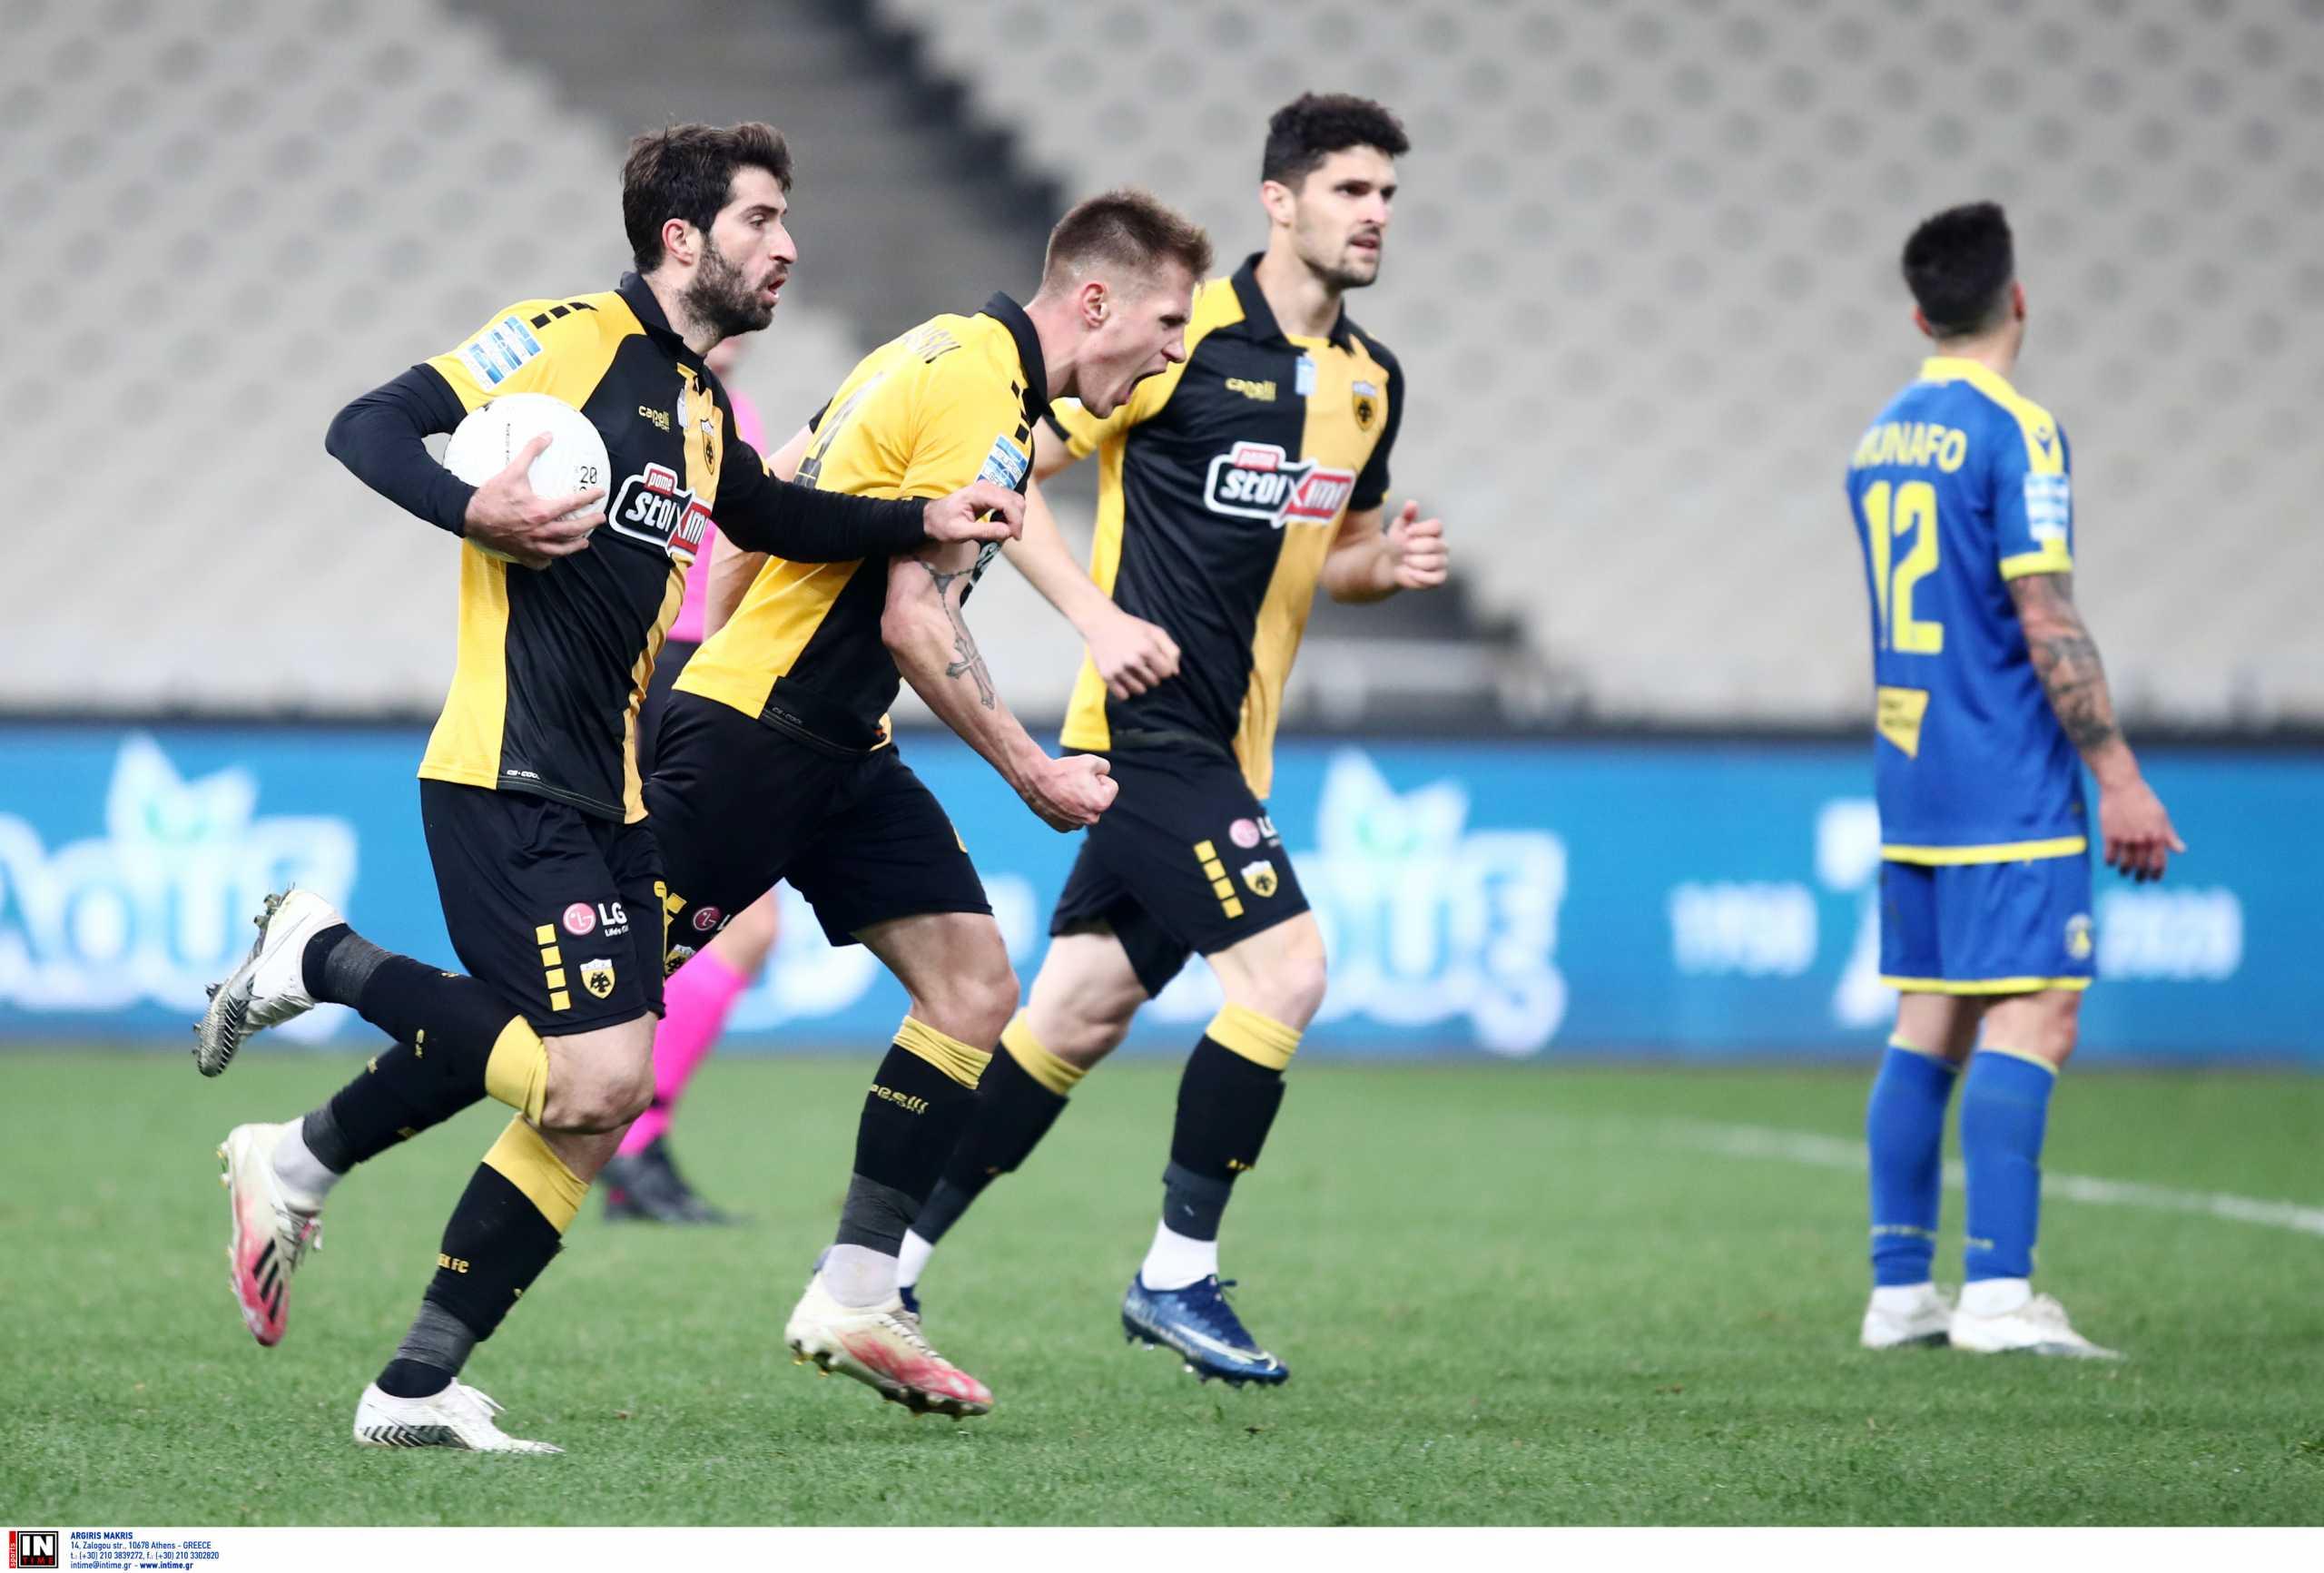 ΑΕΚ – Αστέρας Τρίπολης 2-2 ΤΕΛΙΚΟ!